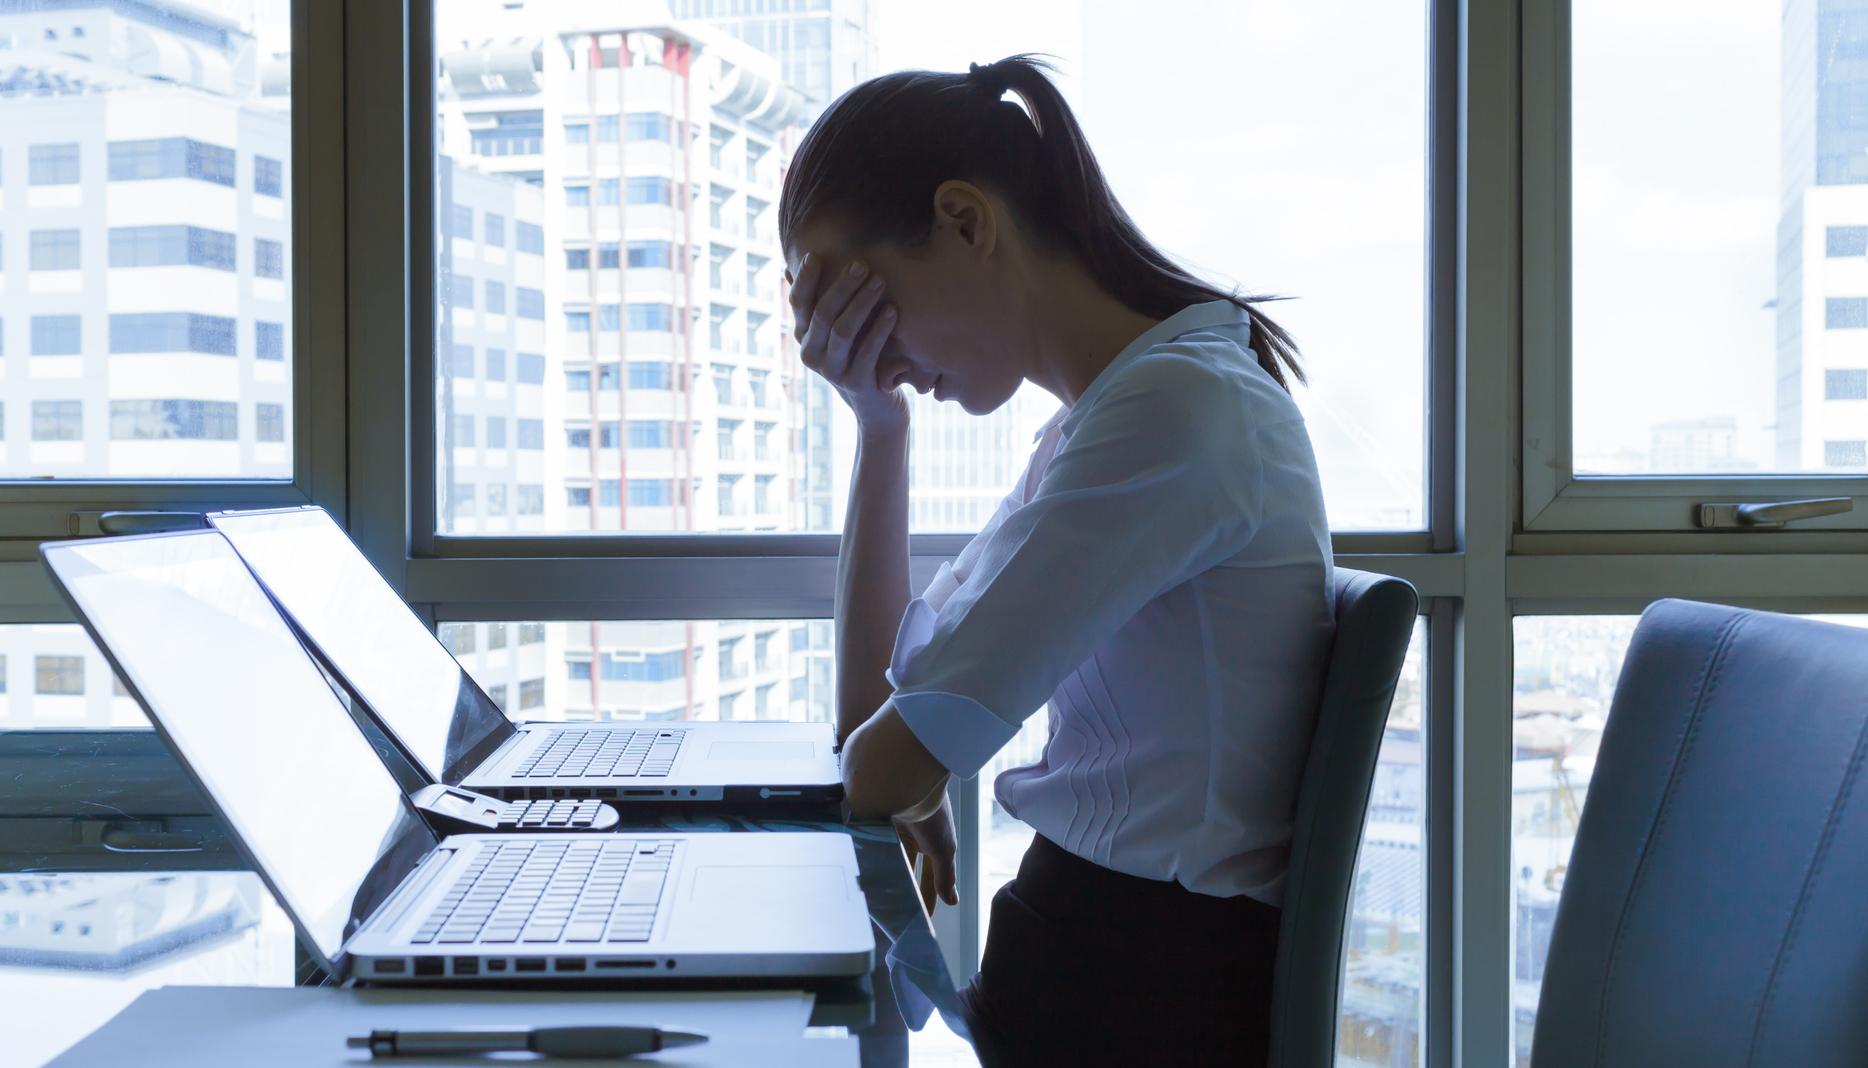 Cómo gestionar a alguien con ansiedad en el lugar de trabajo